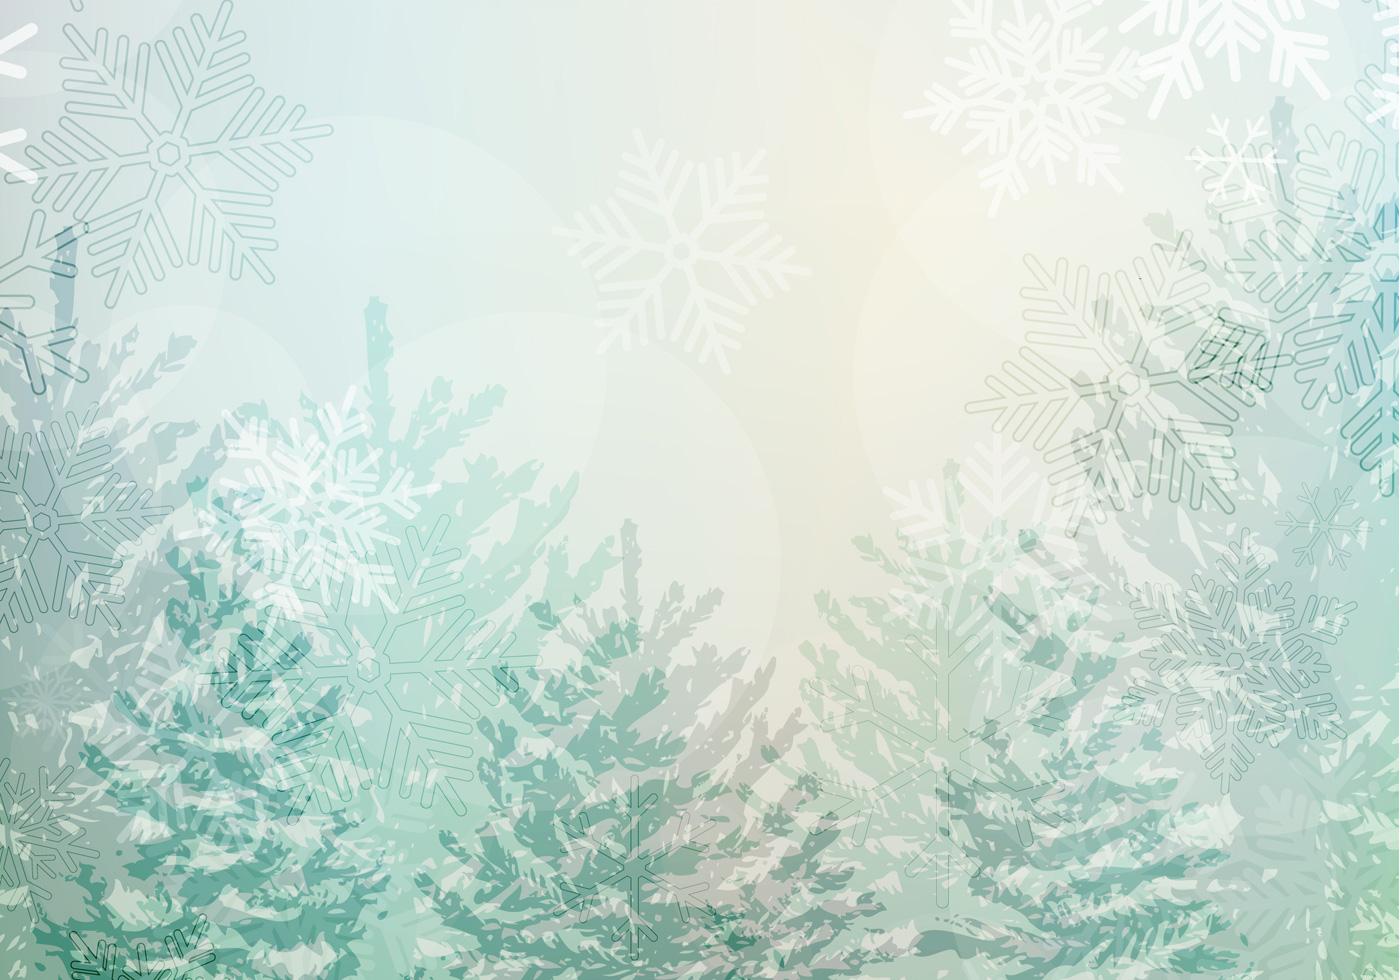 snowy winter landscape vector wallpaper pack download. Black Bedroom Furniture Sets. Home Design Ideas